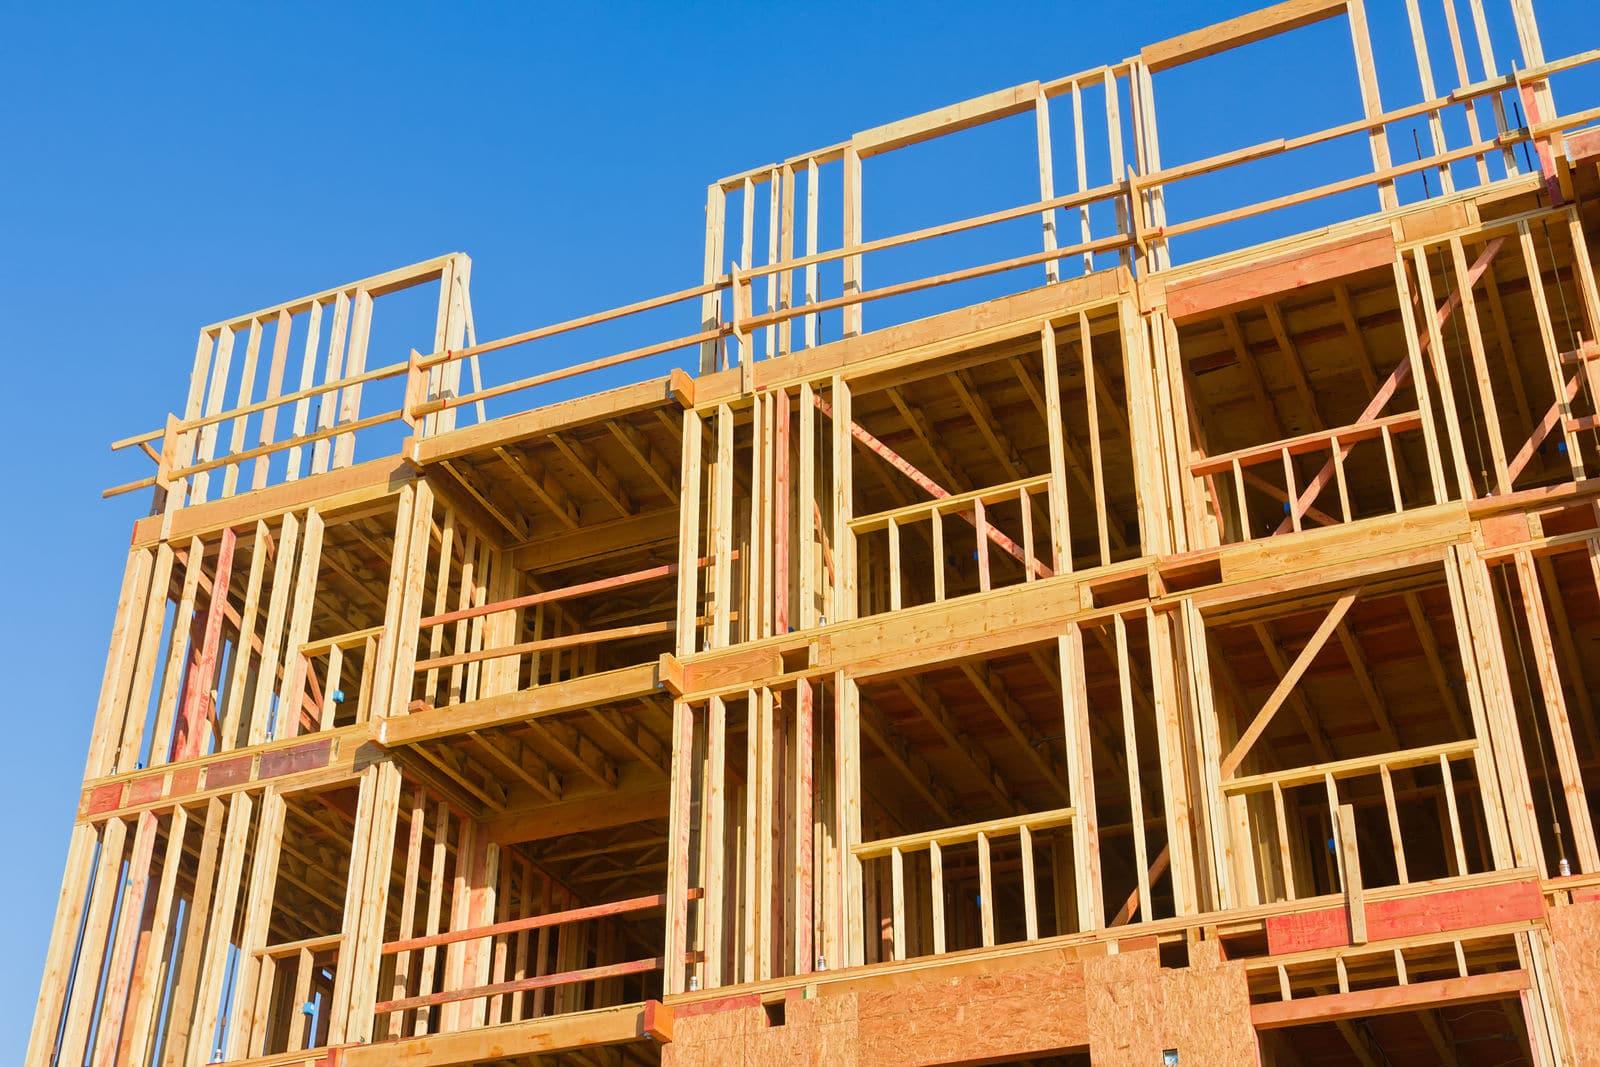 edificações de madeira